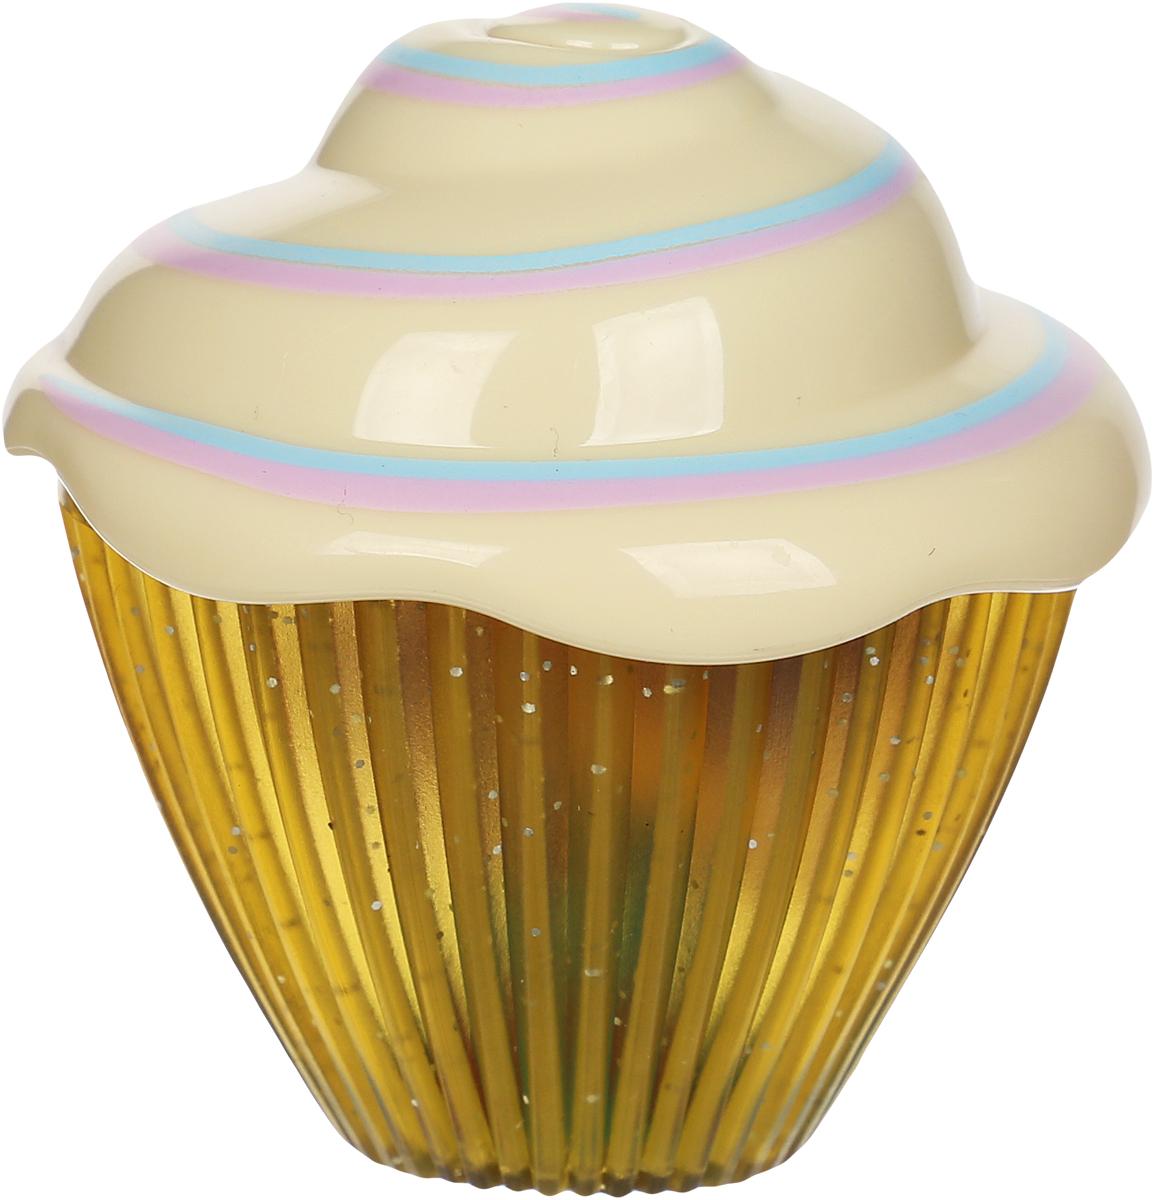 Фото - Emco Мини-кукла Mini Cupcake Surprise, в ассортименте little you мягкая кукла кейт цвет одежды голубой желтый